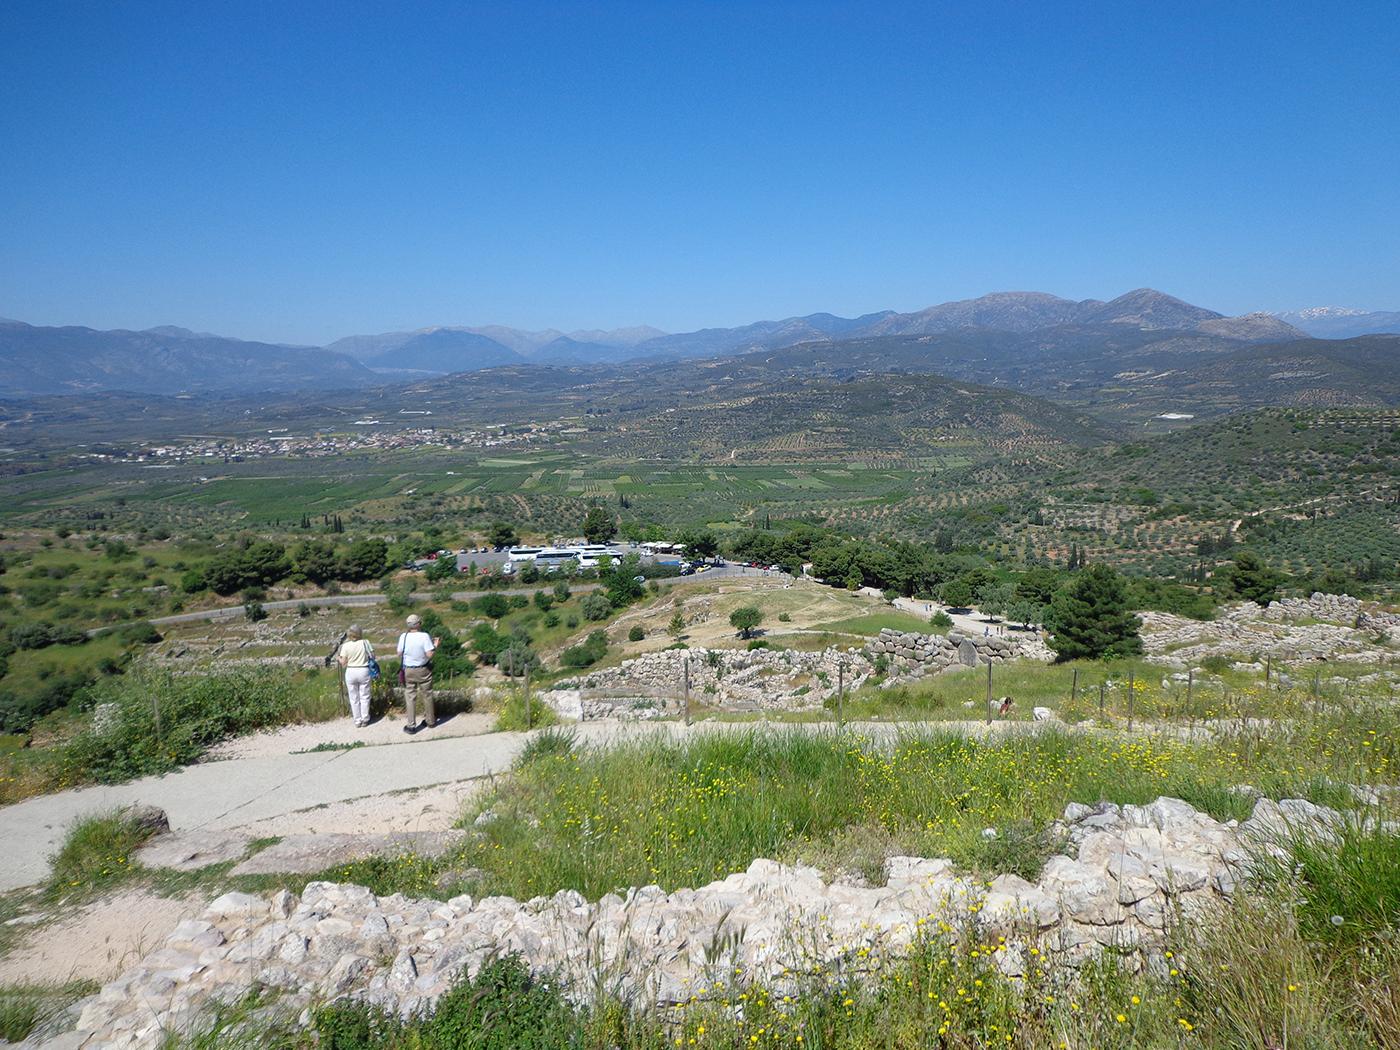 Uitzicht over de streek van Mykene, vanaf de plek waar ooit het paleis stond